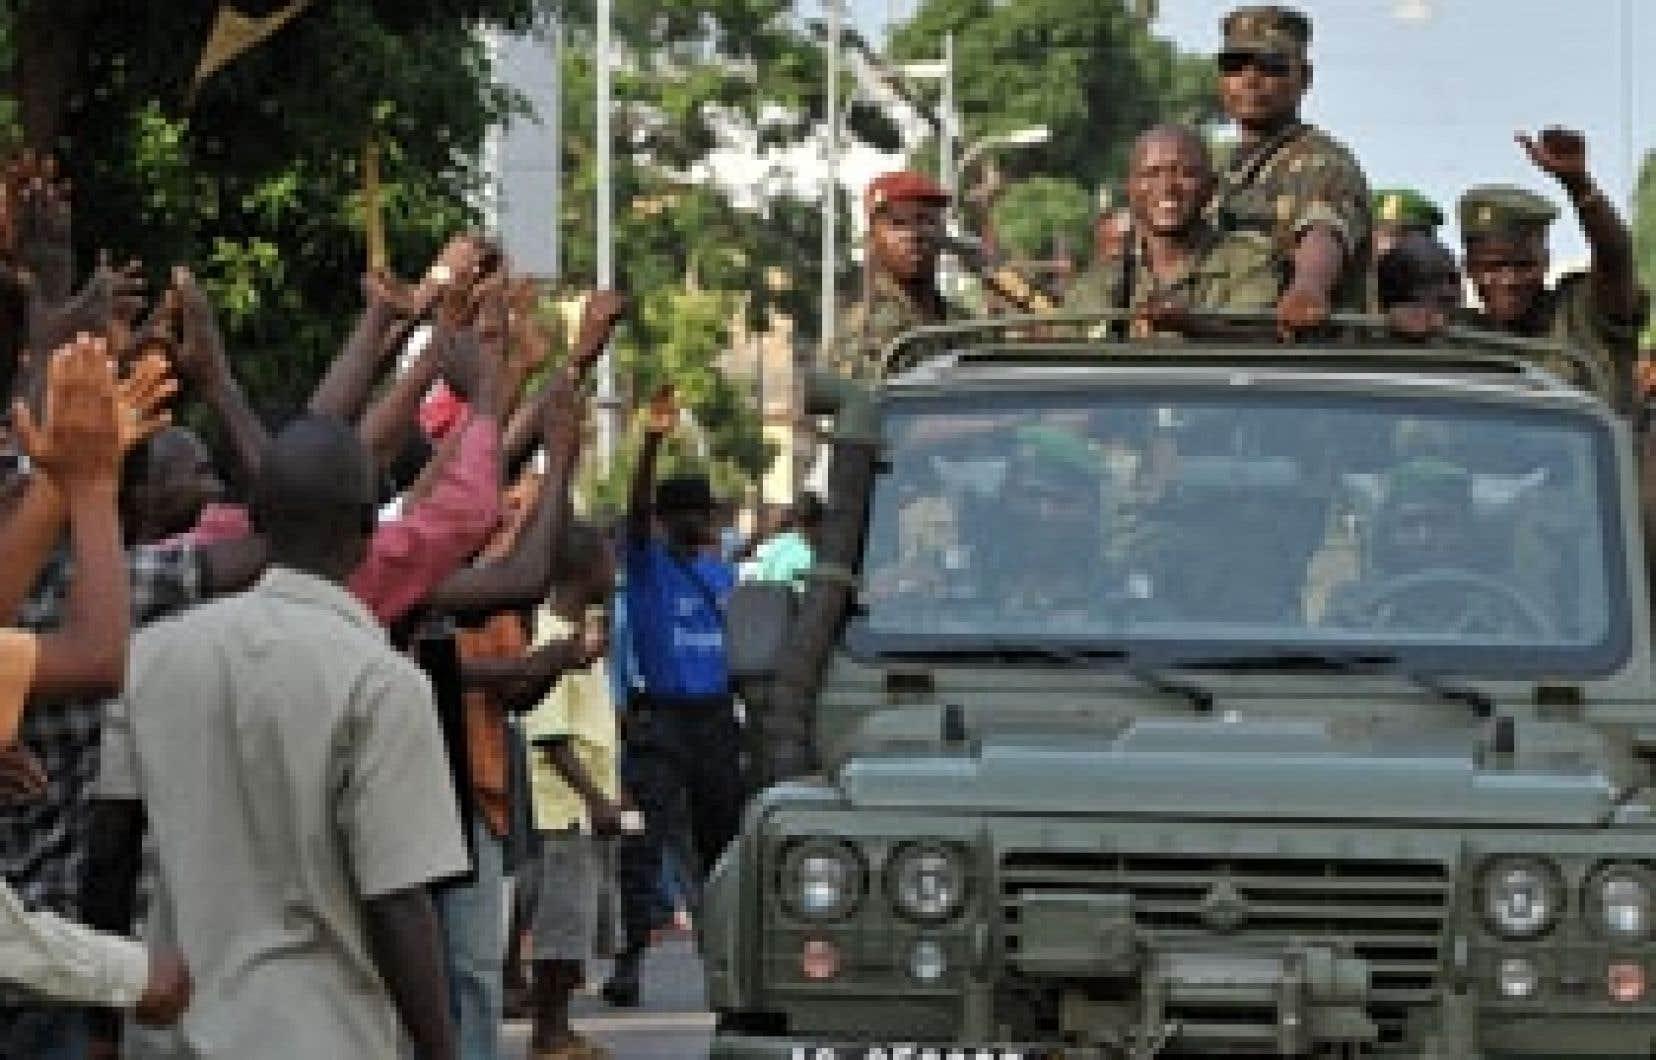 La junte qui a revendiqué le coup d'État de mardi dernier en Guinée, après la mort du dictateur Lansana Conté, semble aujourd'hui être en mesure de contrôler le pays.